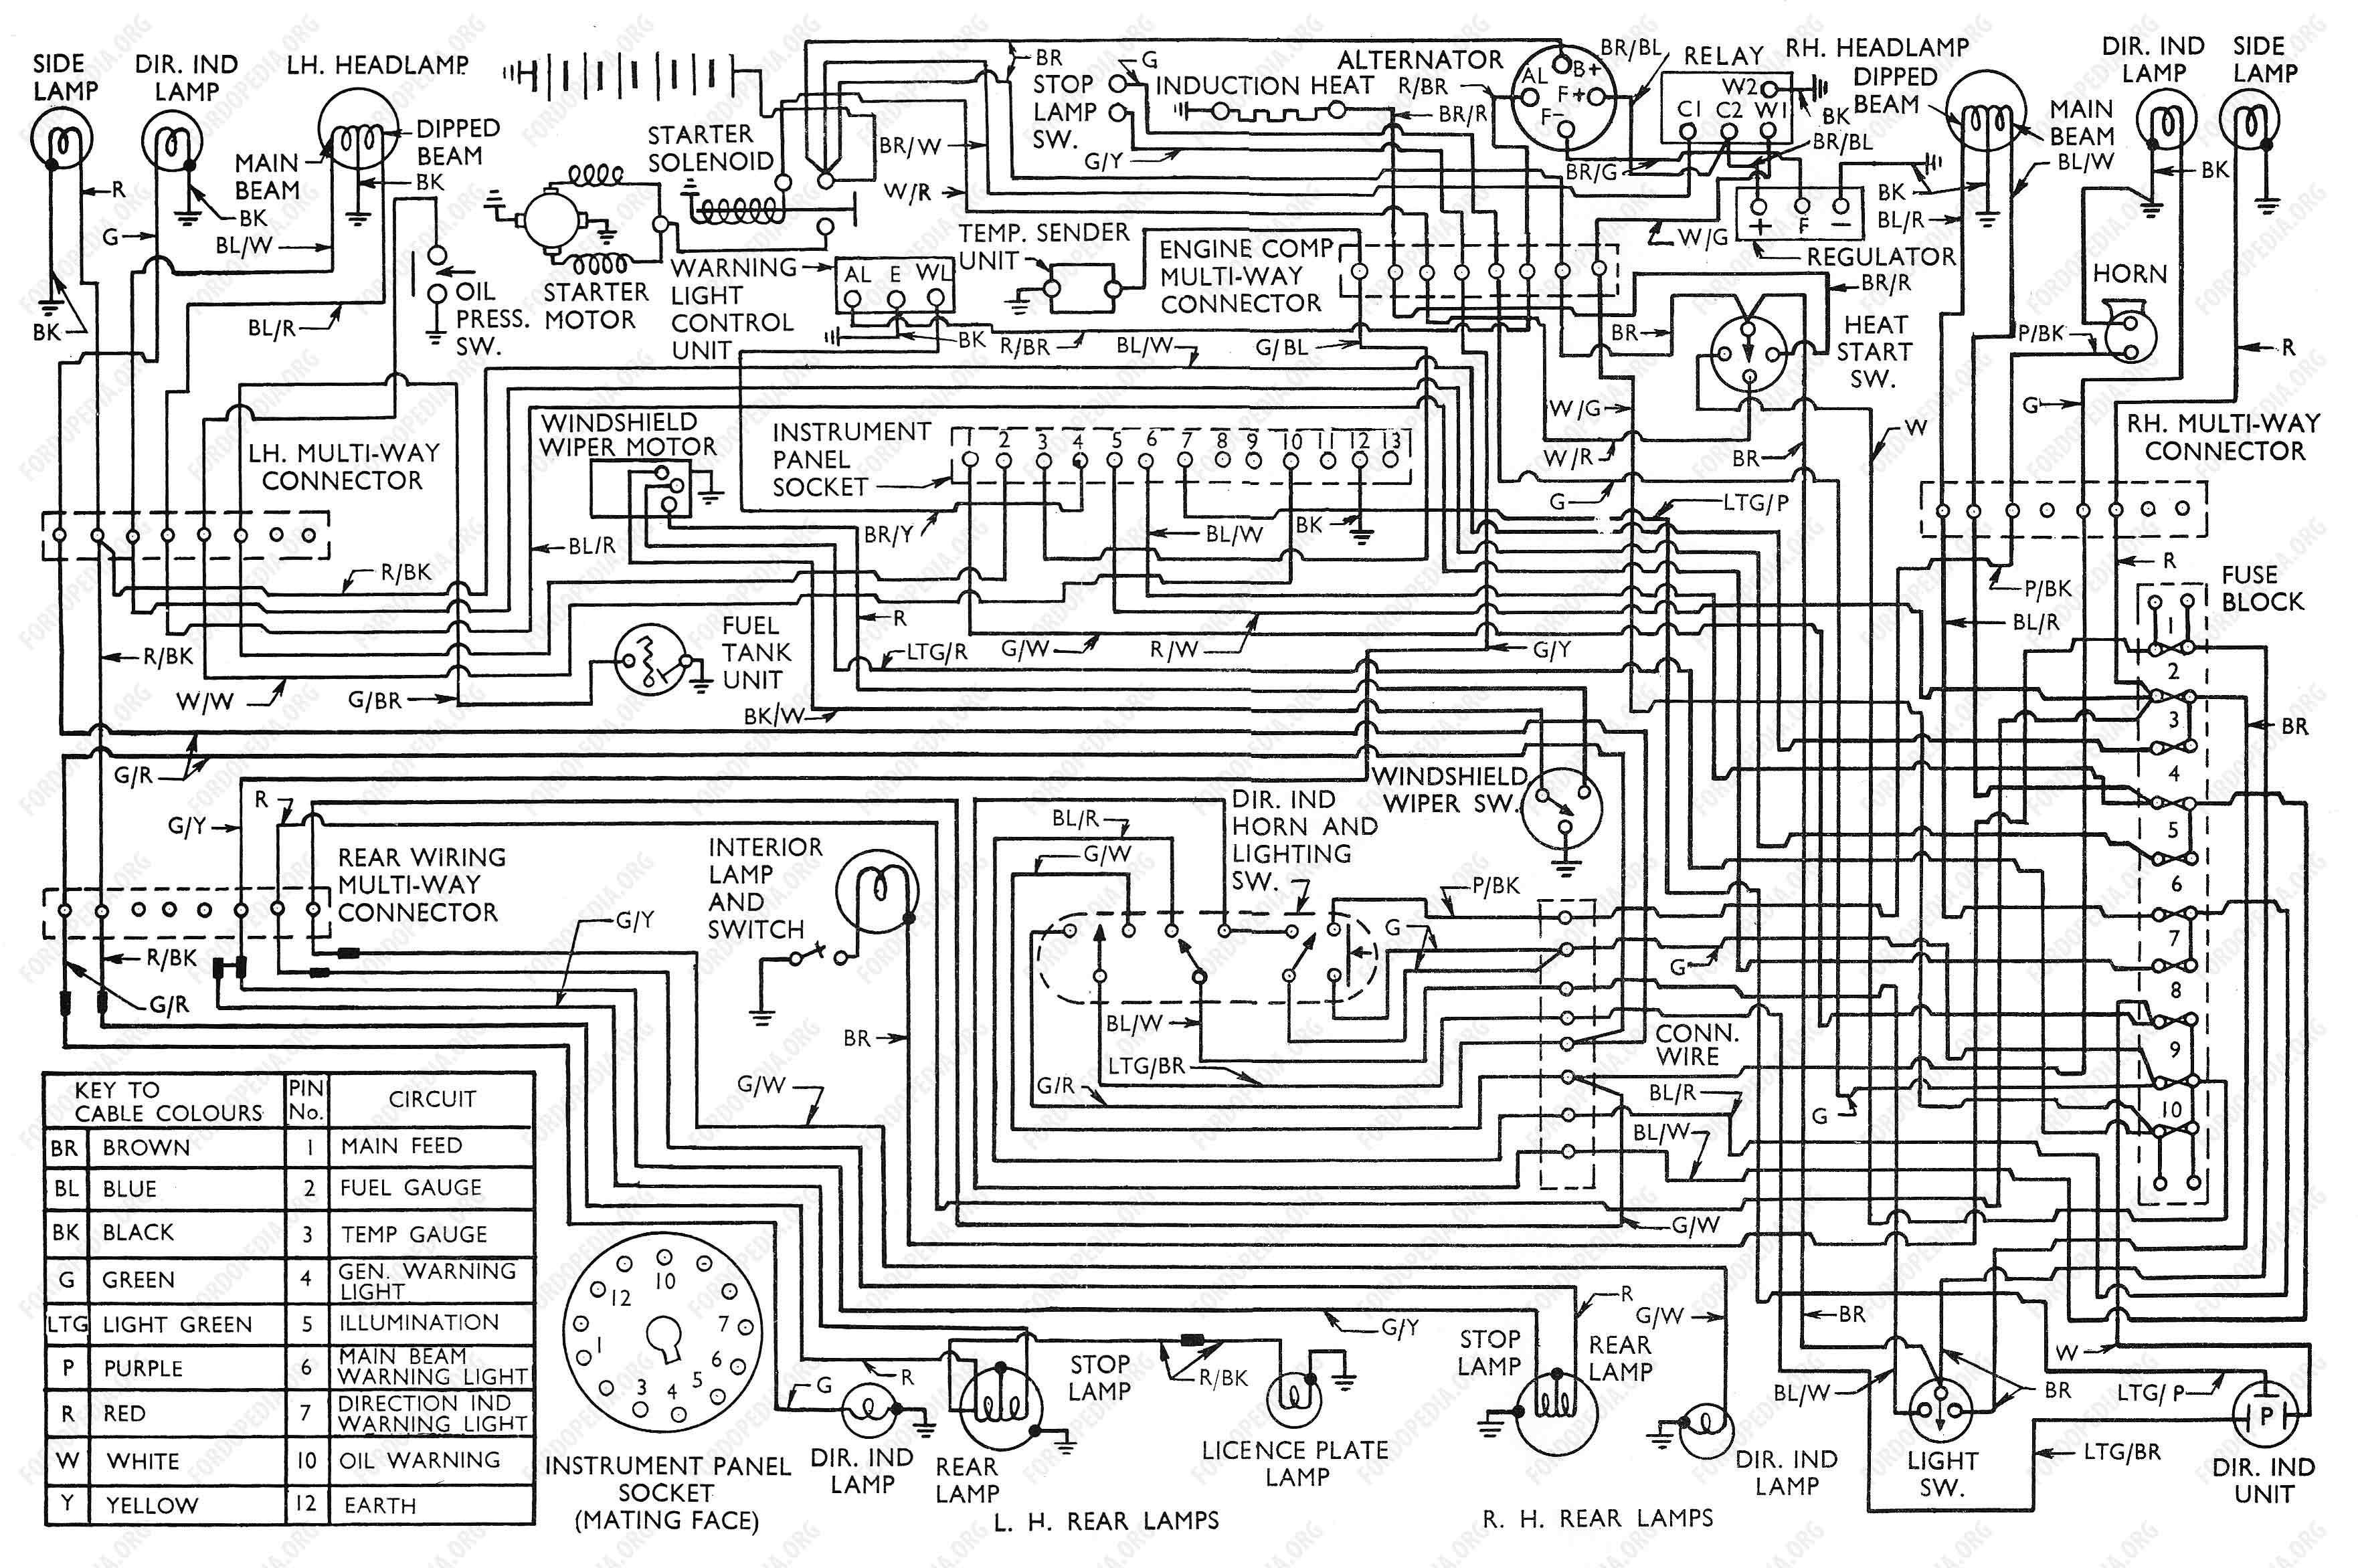 wiring diagrams ford transit mki fob 091970 onwards wiring diagramford transit diagram wiring diagram database ford transit diagram